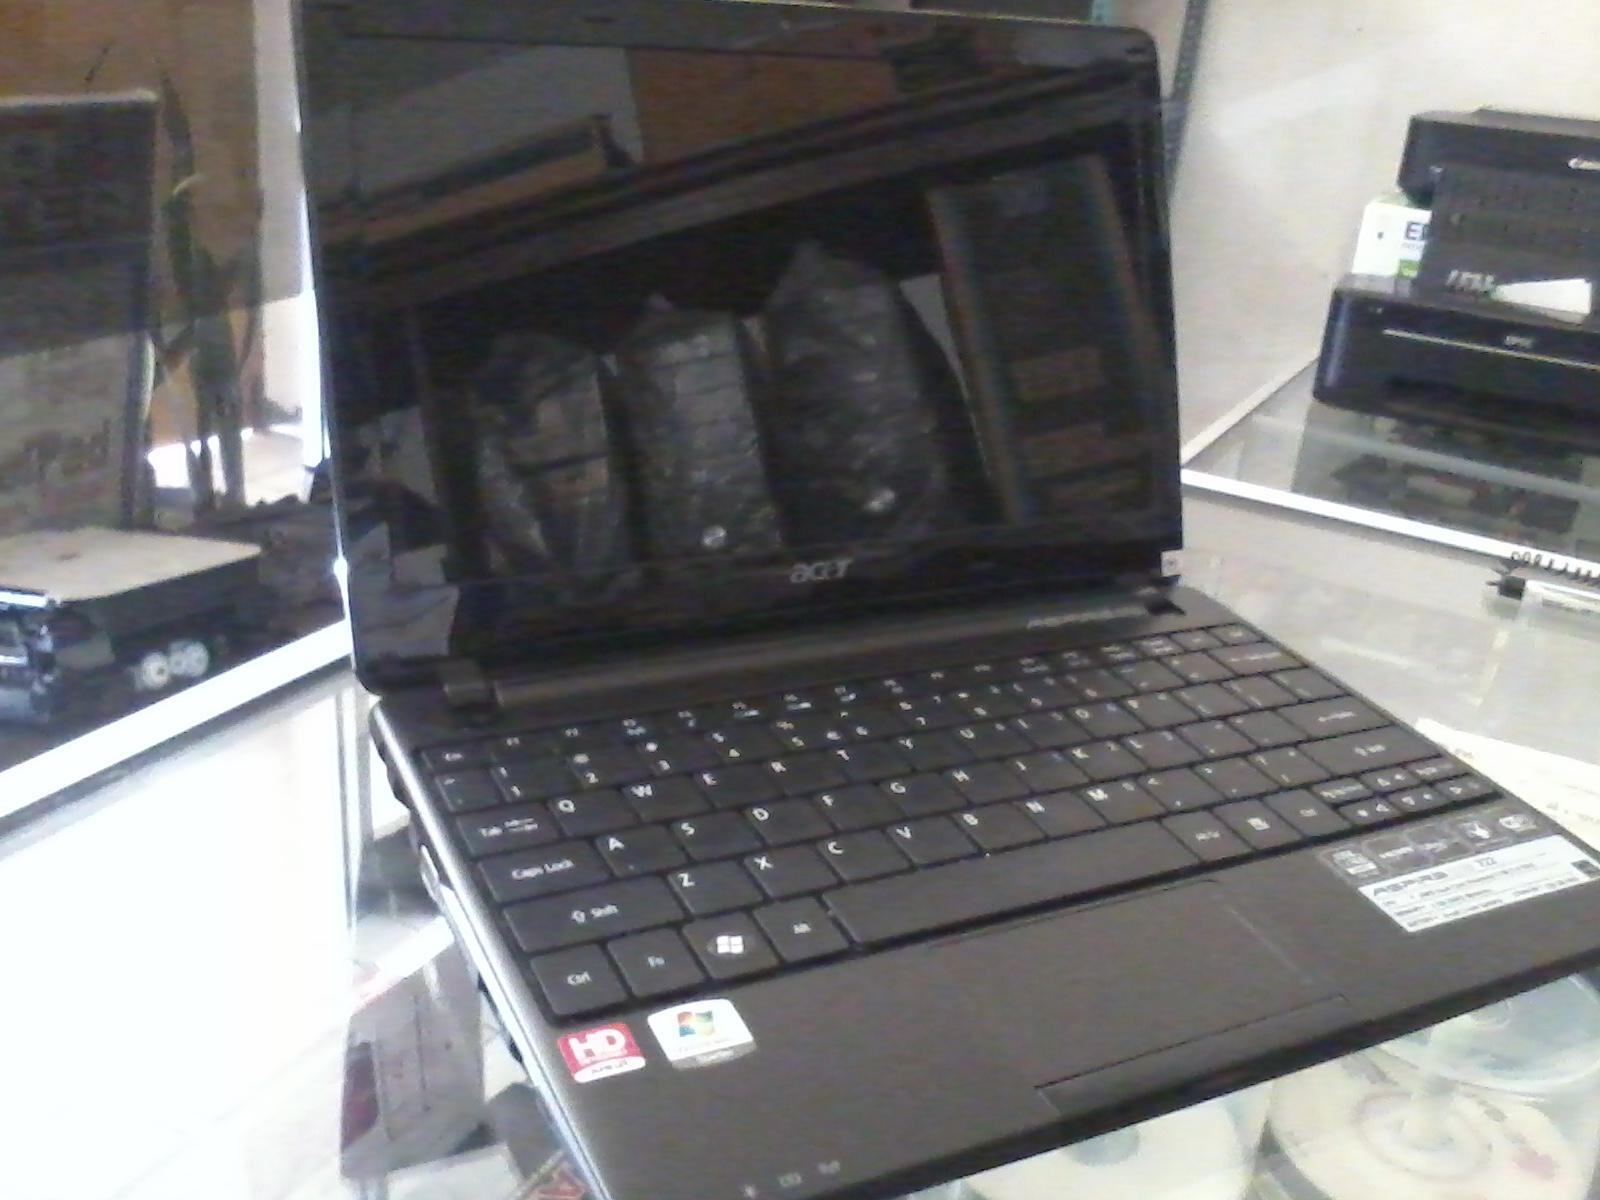 Acer Keyboard Notebook Aspire One 722 Hitam Update Daftar Harga Laptop 721 753 Series Second Oleh Jawara Jual Spesifikasi